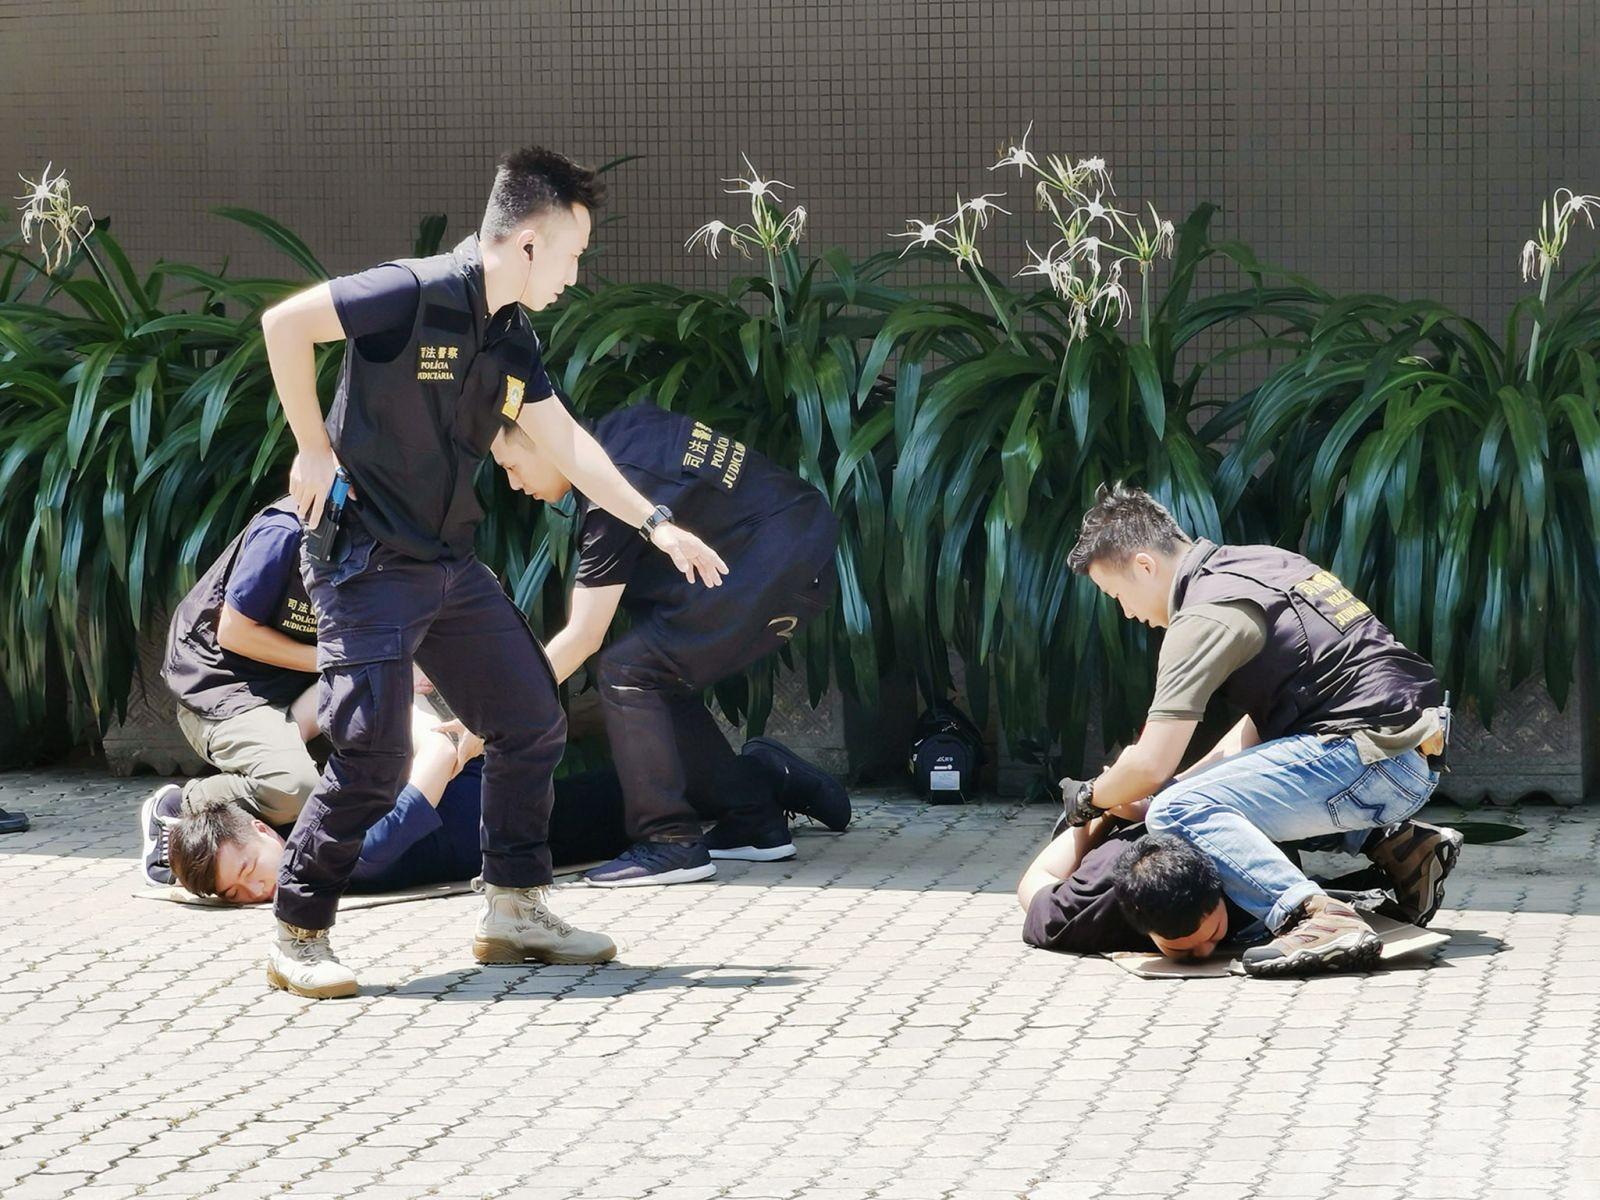 司警刑偵強布陣 談判專家軟遊說